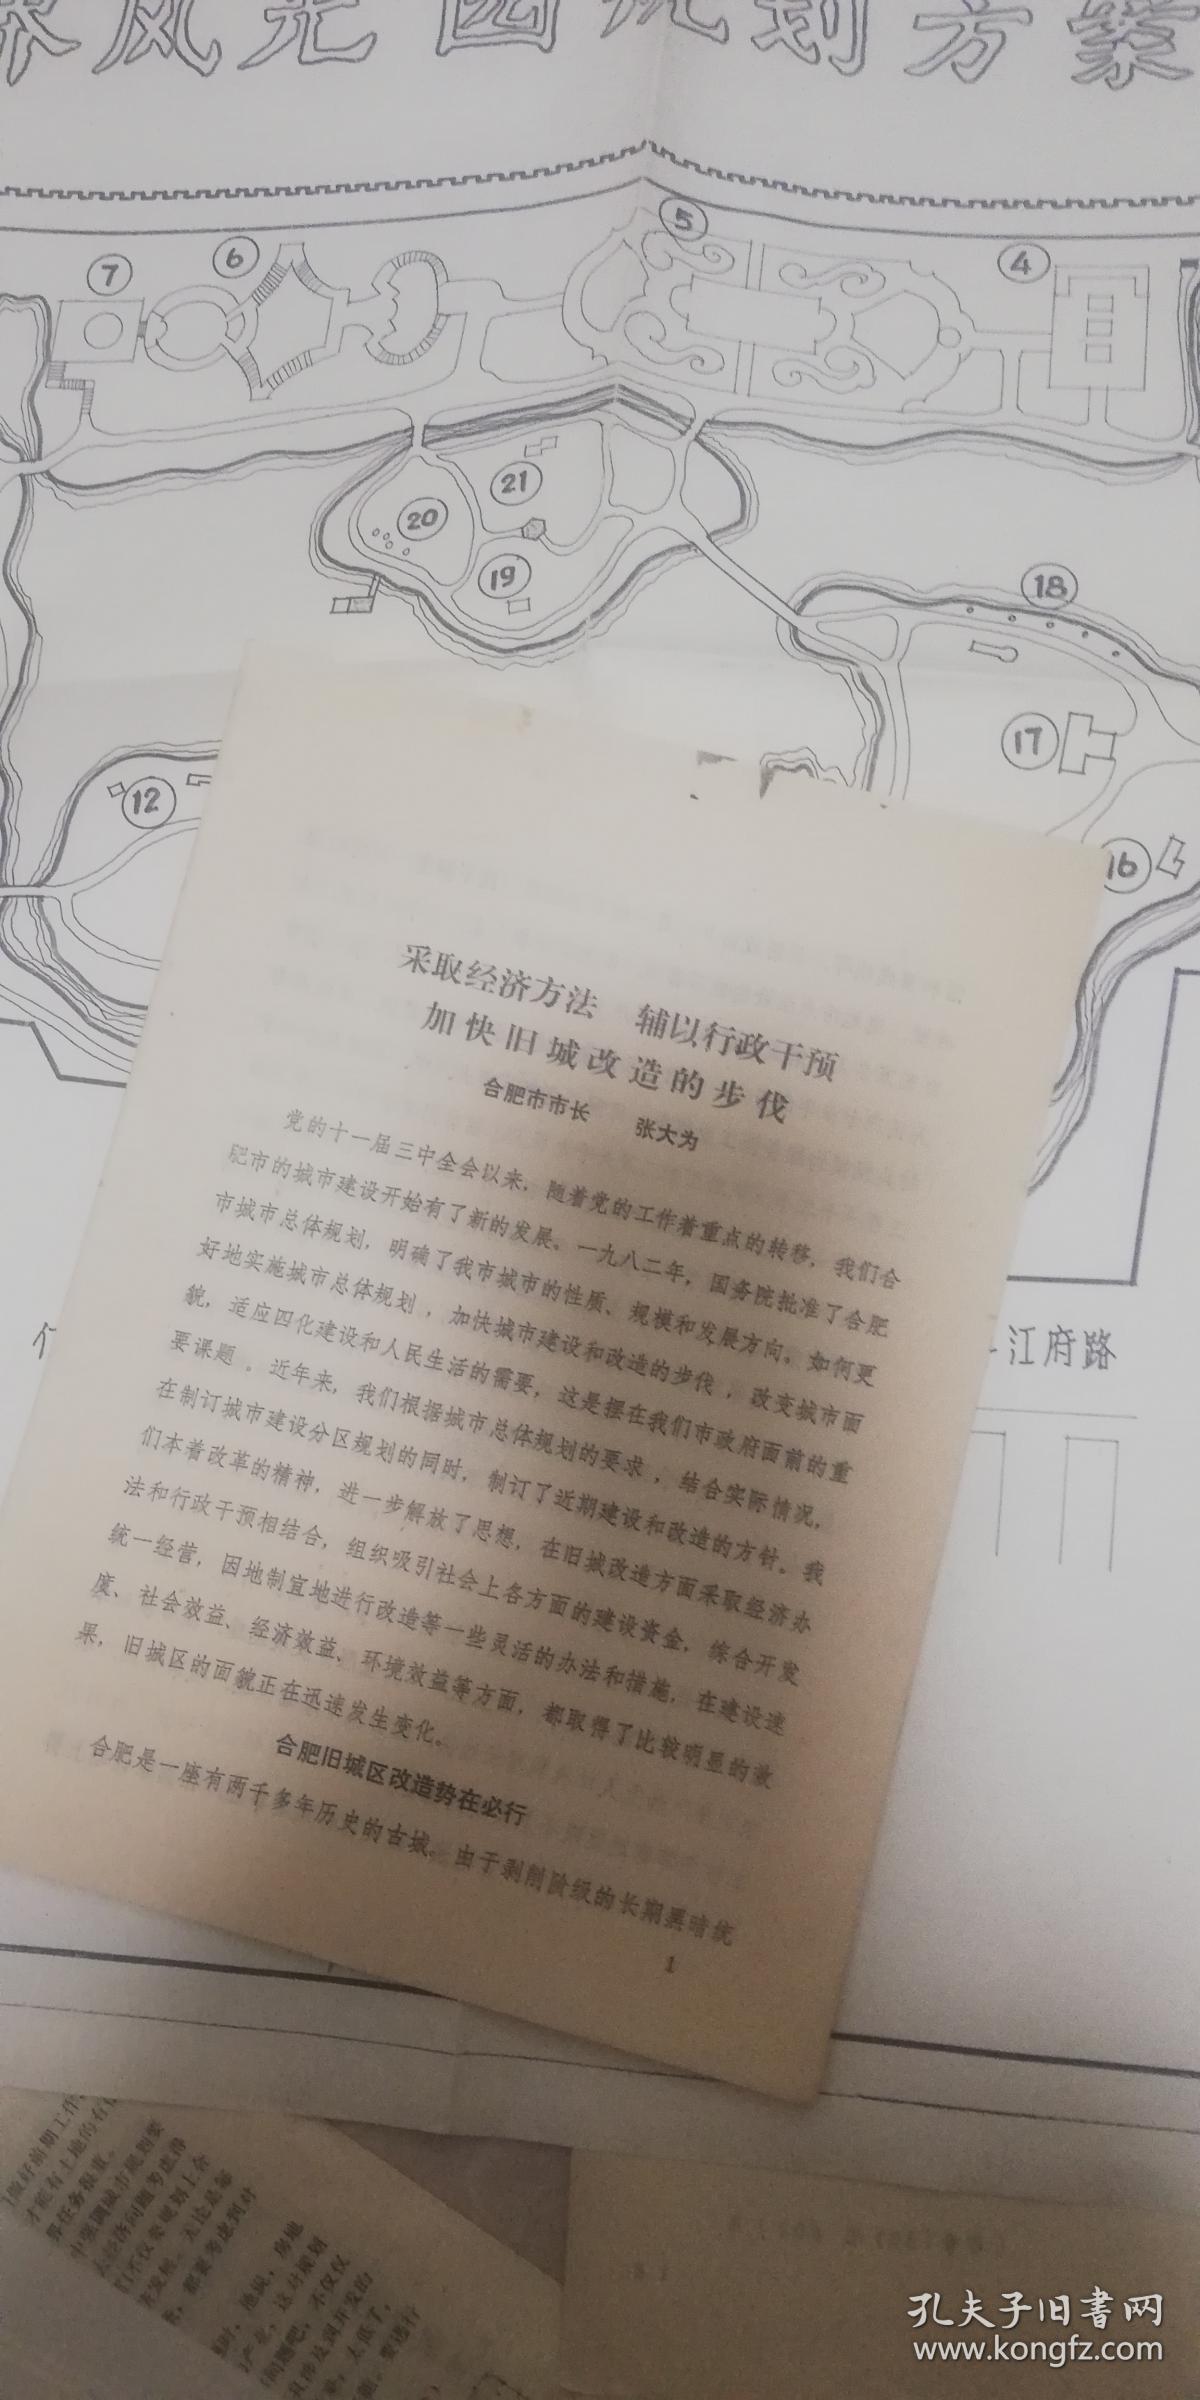 合肥市长张大为《经济方法加快旧城改造》19页码